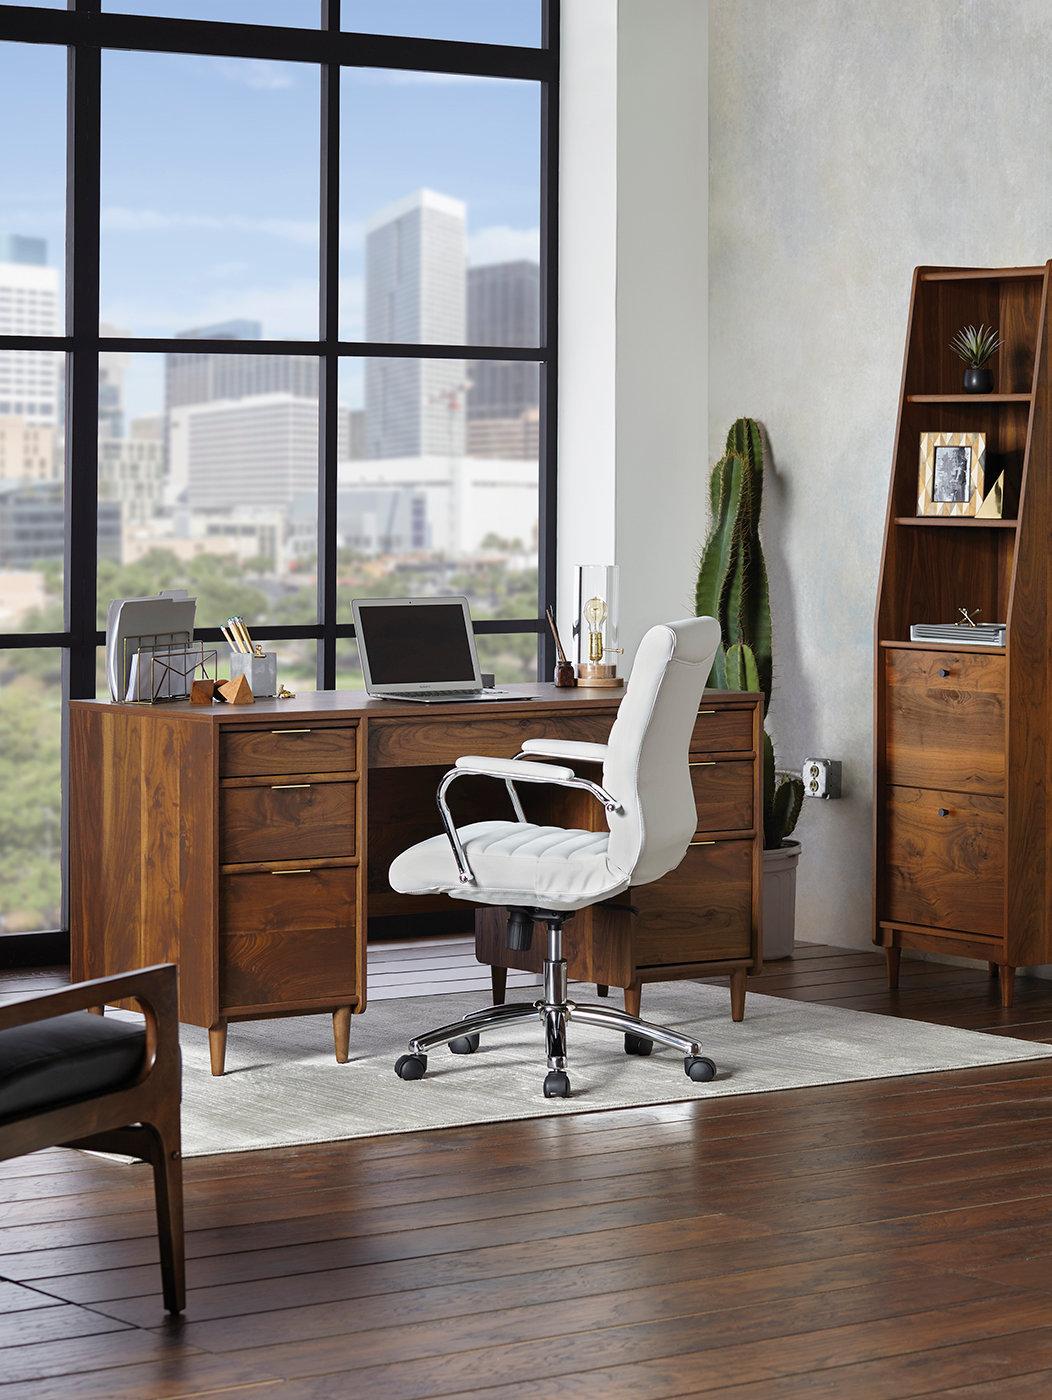 Furniture_Insert_FC.jpg